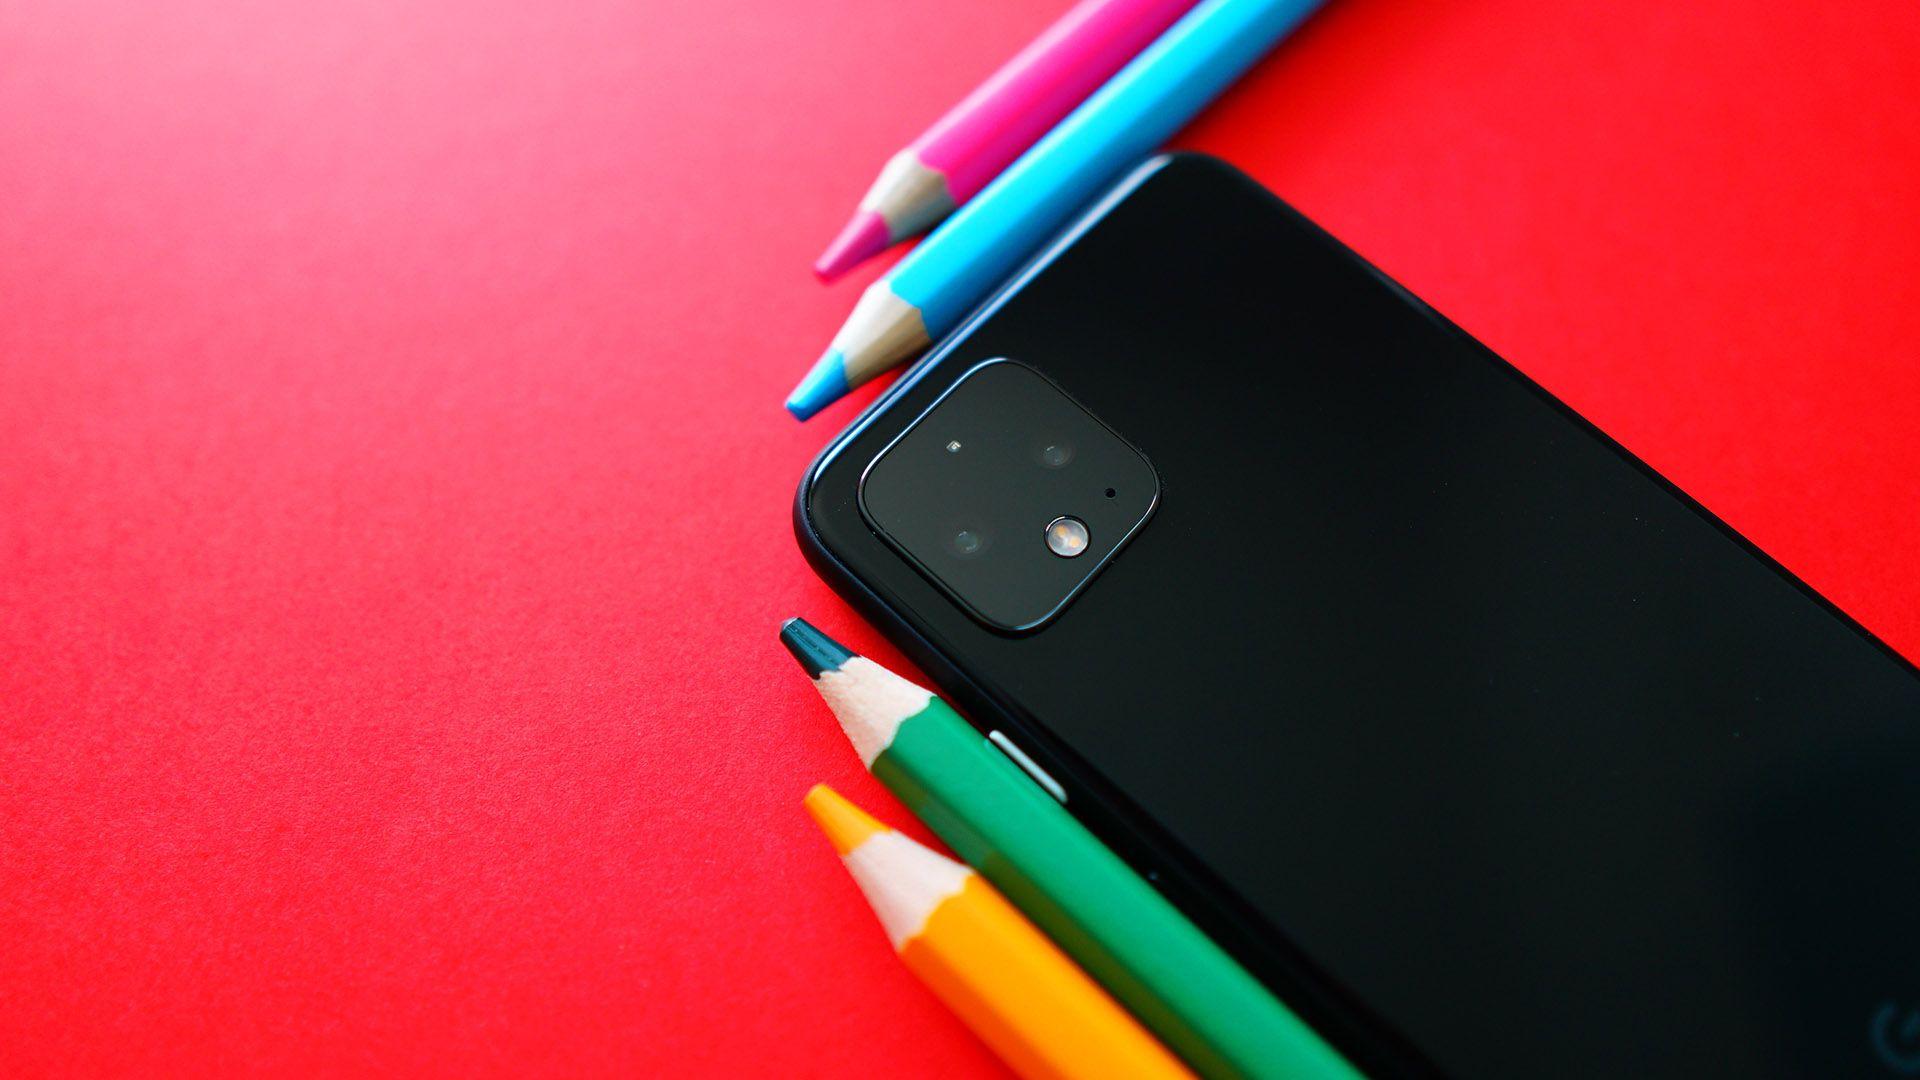 Sort mobil og fire fargestifter i oransje, grønn, blå og rosa ligger på en rød bakgrunn. Illustrasjon til sak om innholdsmarkedsføring for markedsføringsbyrået Elg.